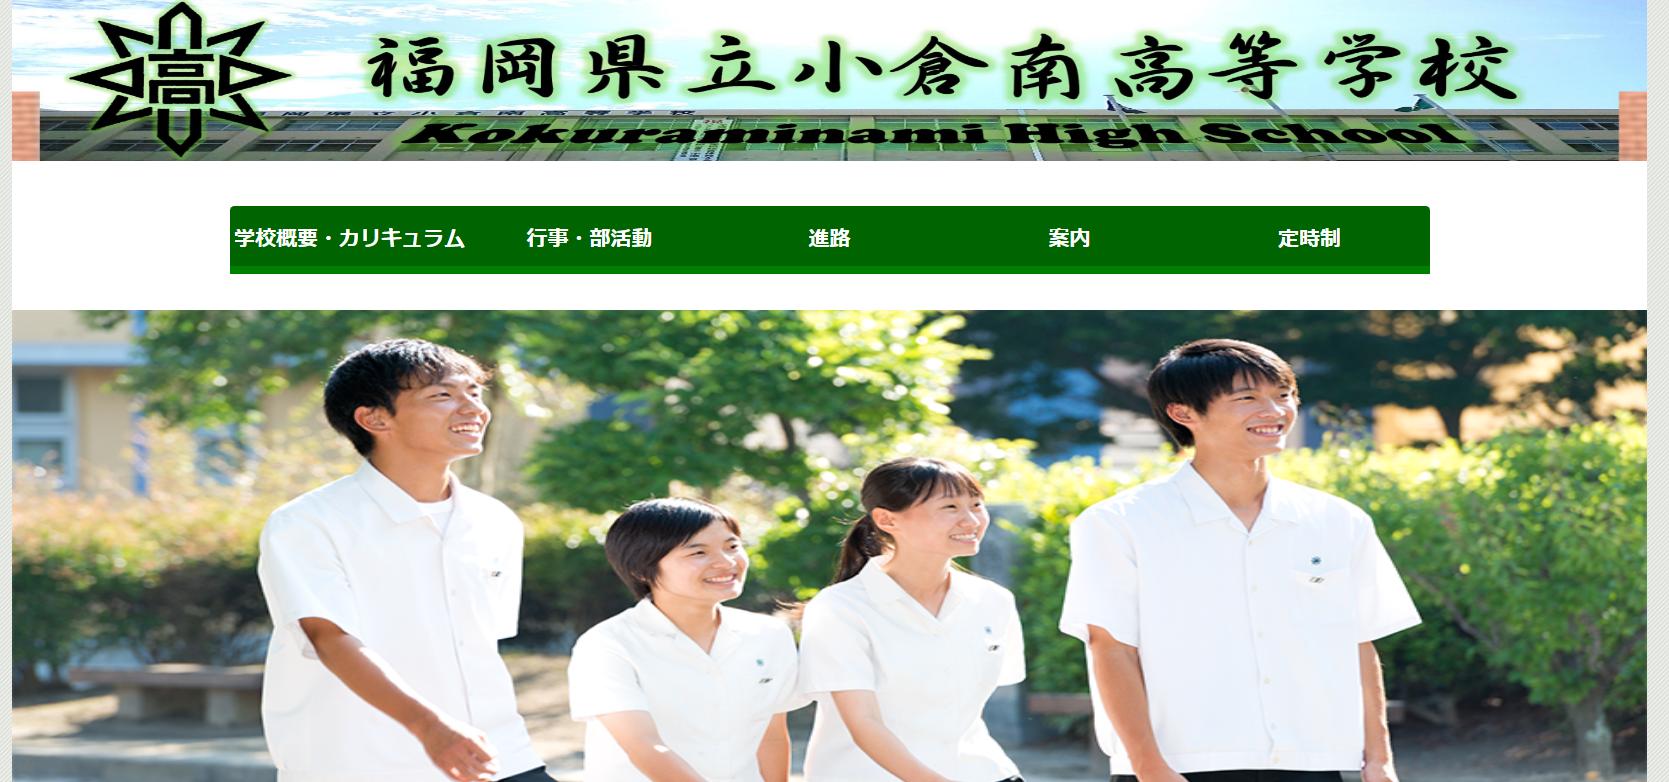 小倉南高校の口コミ・評判